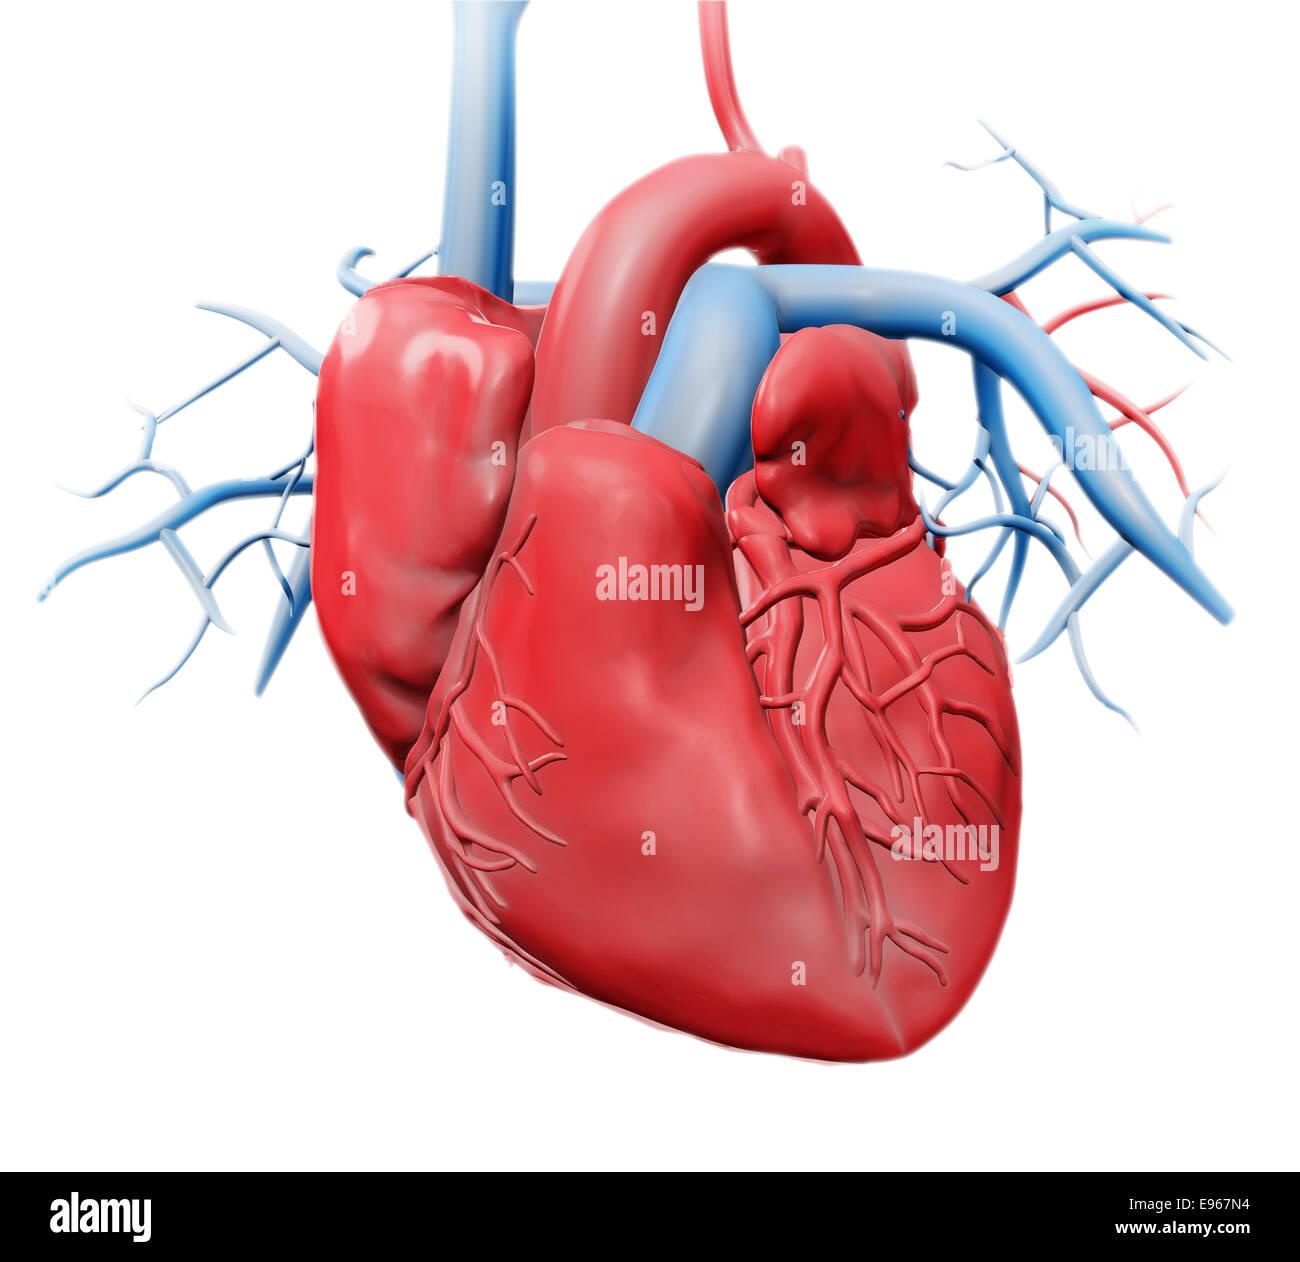 Coeur de l'homme - soins de santé cardiologie illustration Photo Stock